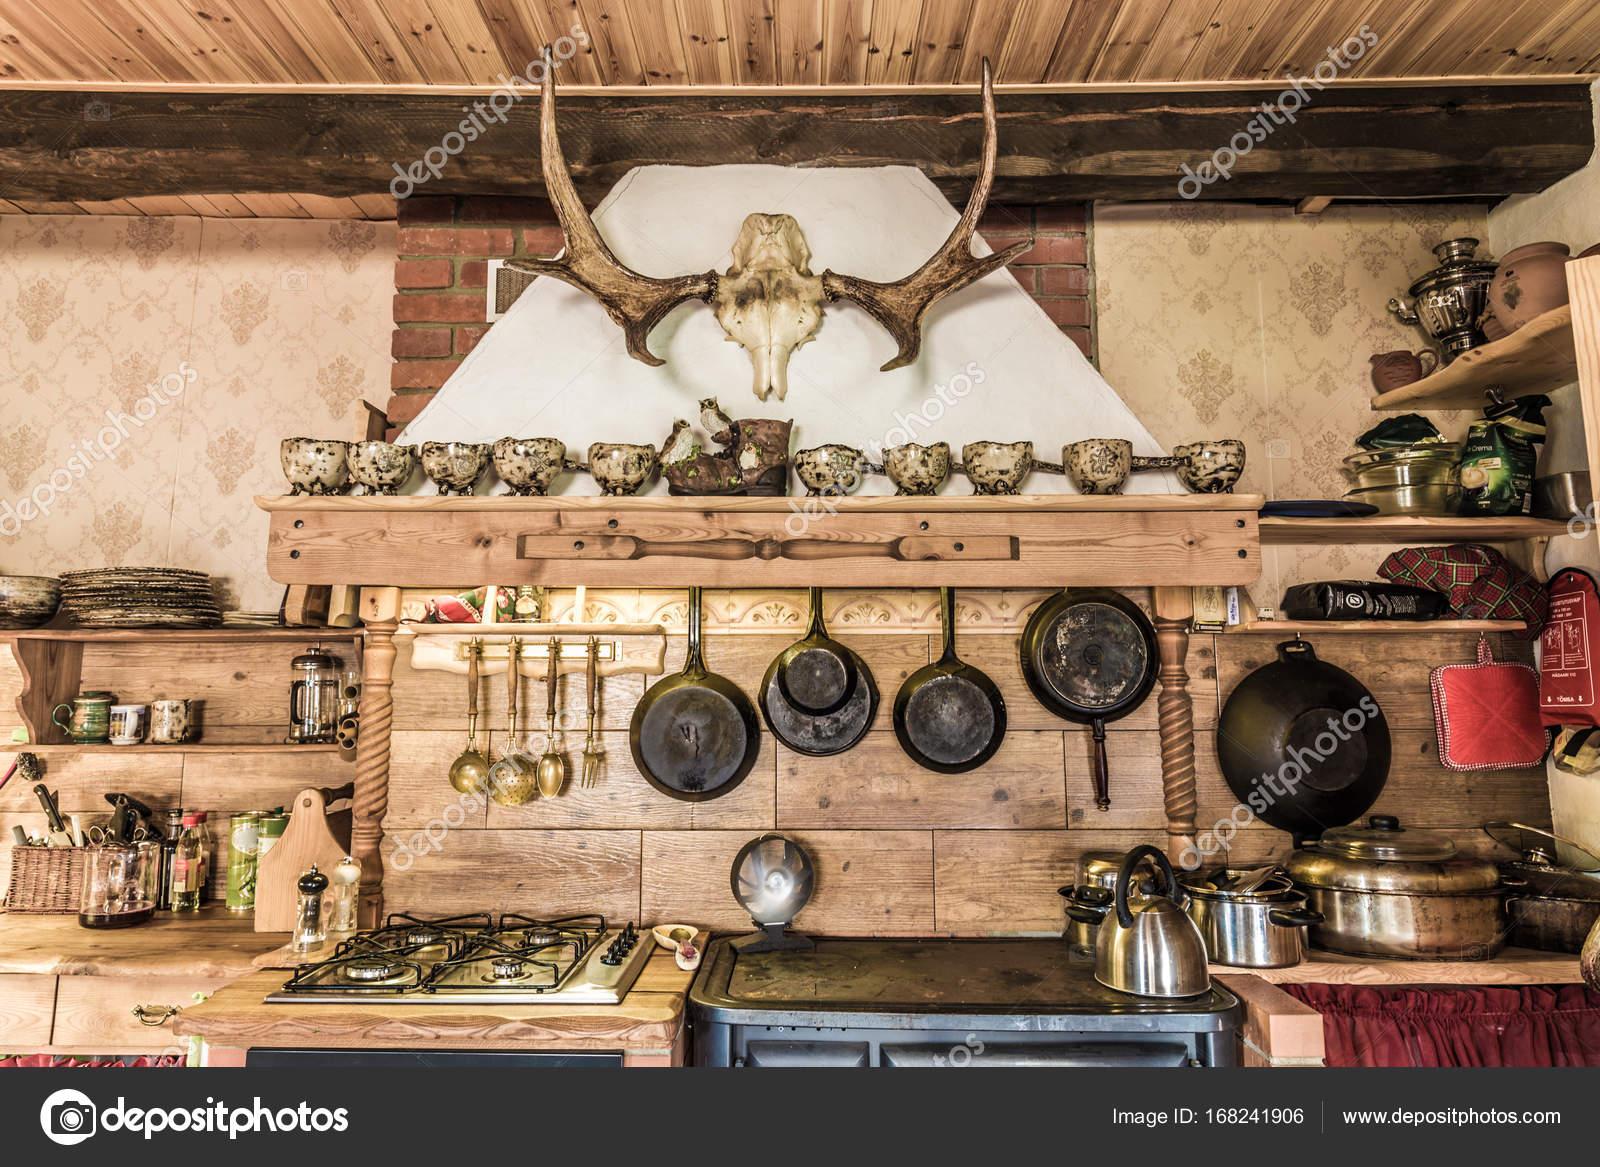 Oude mode houten keuken u2014 stockfoto © r1im #168241906